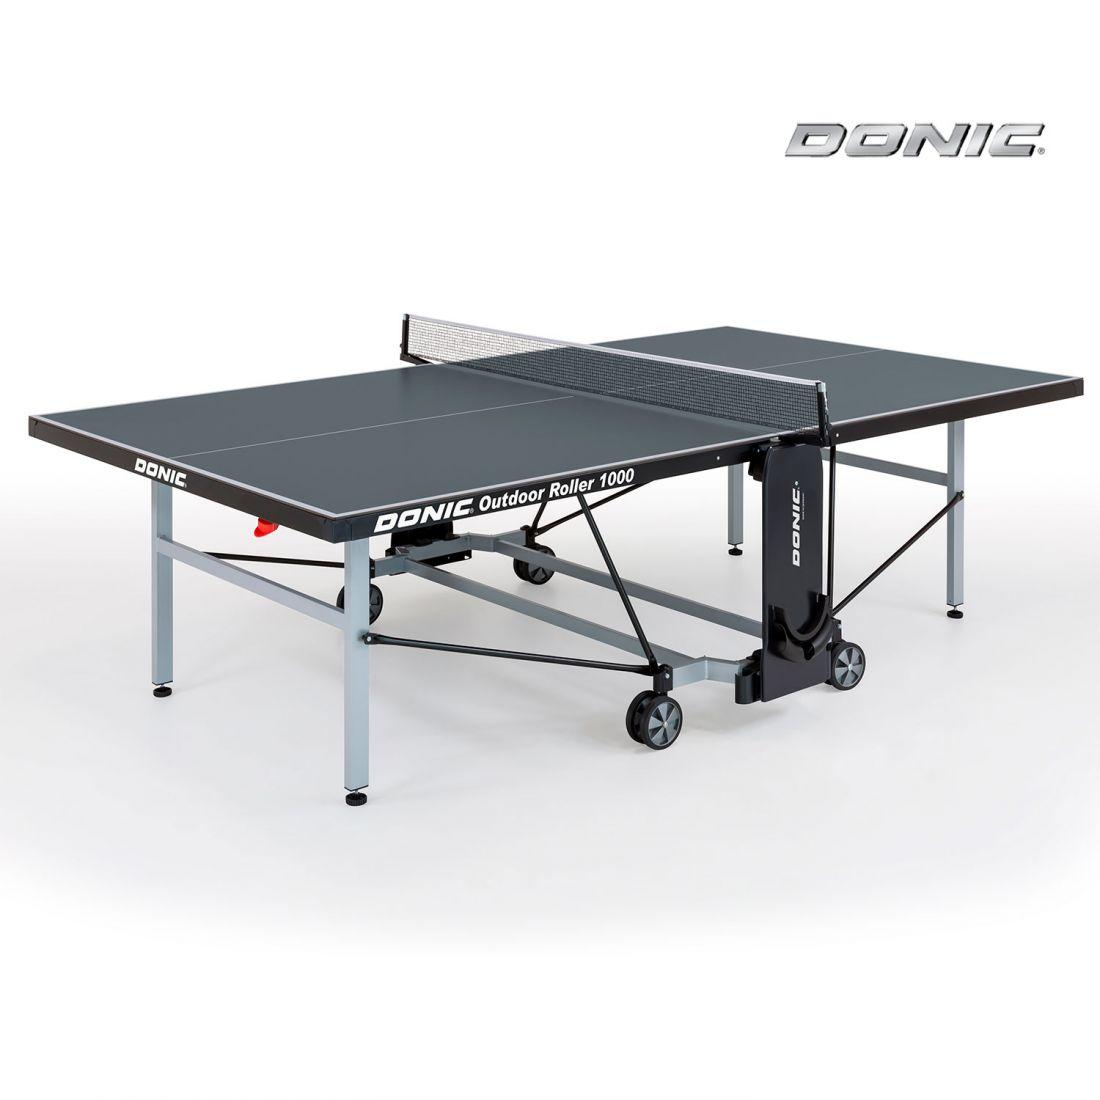 Всепогодный Теннисный стол Donic Outdoor Roller 1000 серый